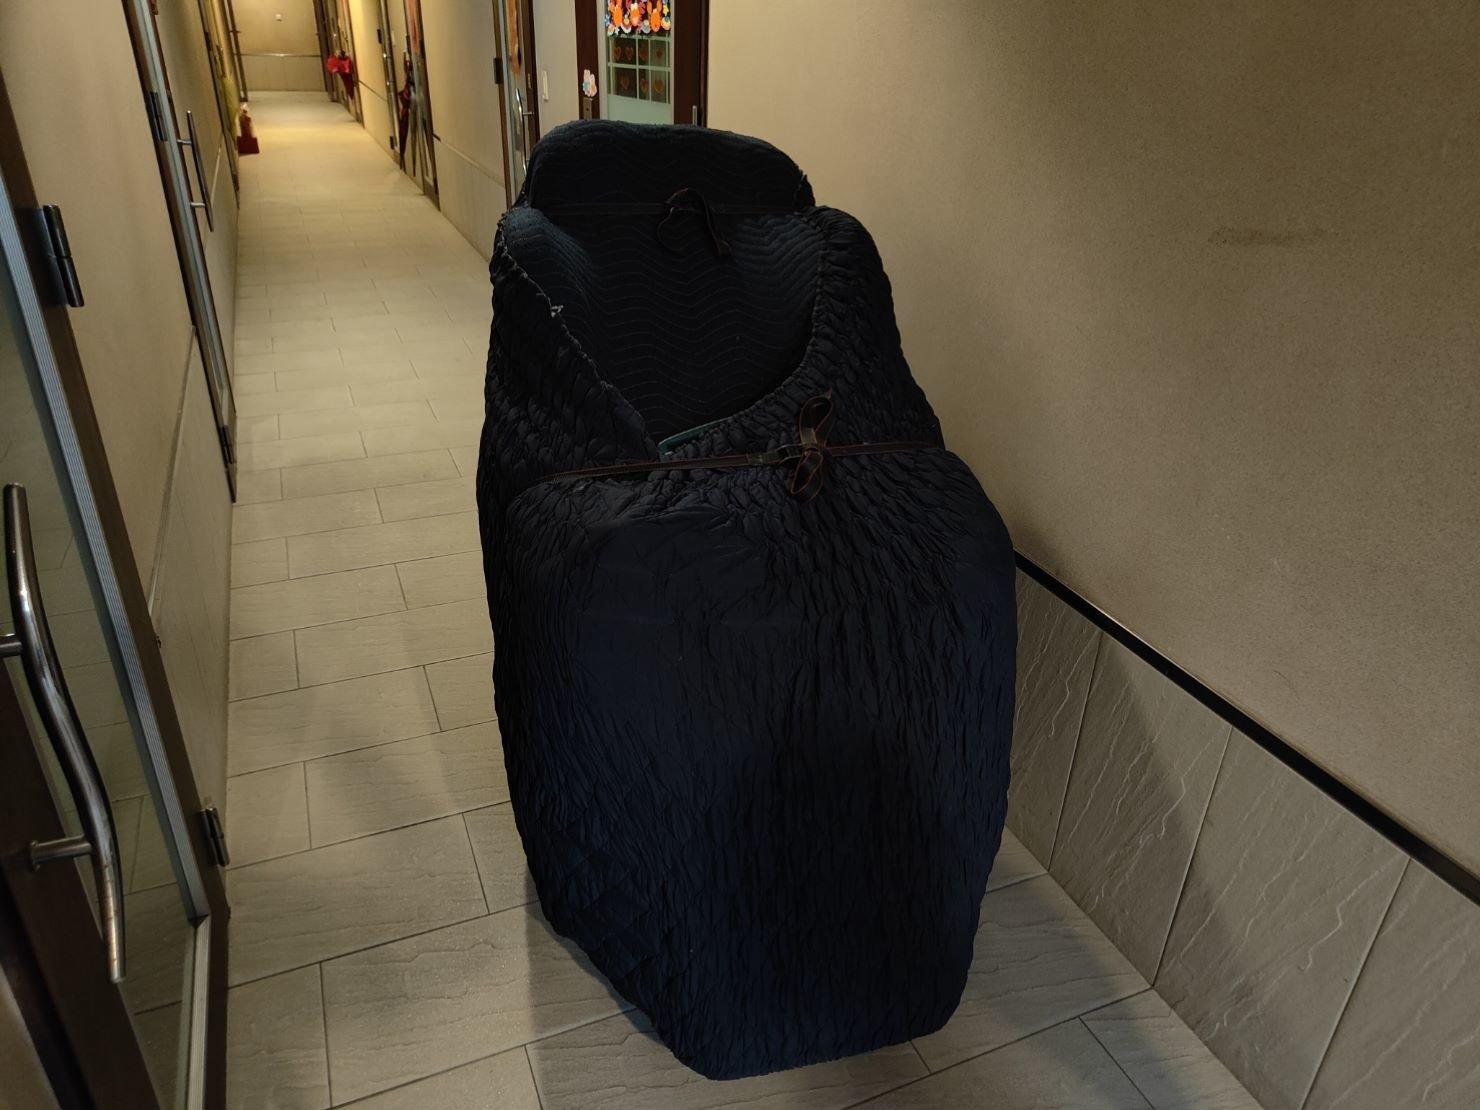 特殊搬運、搬藝術品、雕刻品、神桌、按摩椅,由【榮福搬家公司】專業搬家公司推薦:大台北搬家,精緻包裝搬運「細膩包裝、專業搬運、用心服務、以客為尊」是榮福搬家公司的宗旨與精神。歡迎立即來電02-2651-2727專人服務。